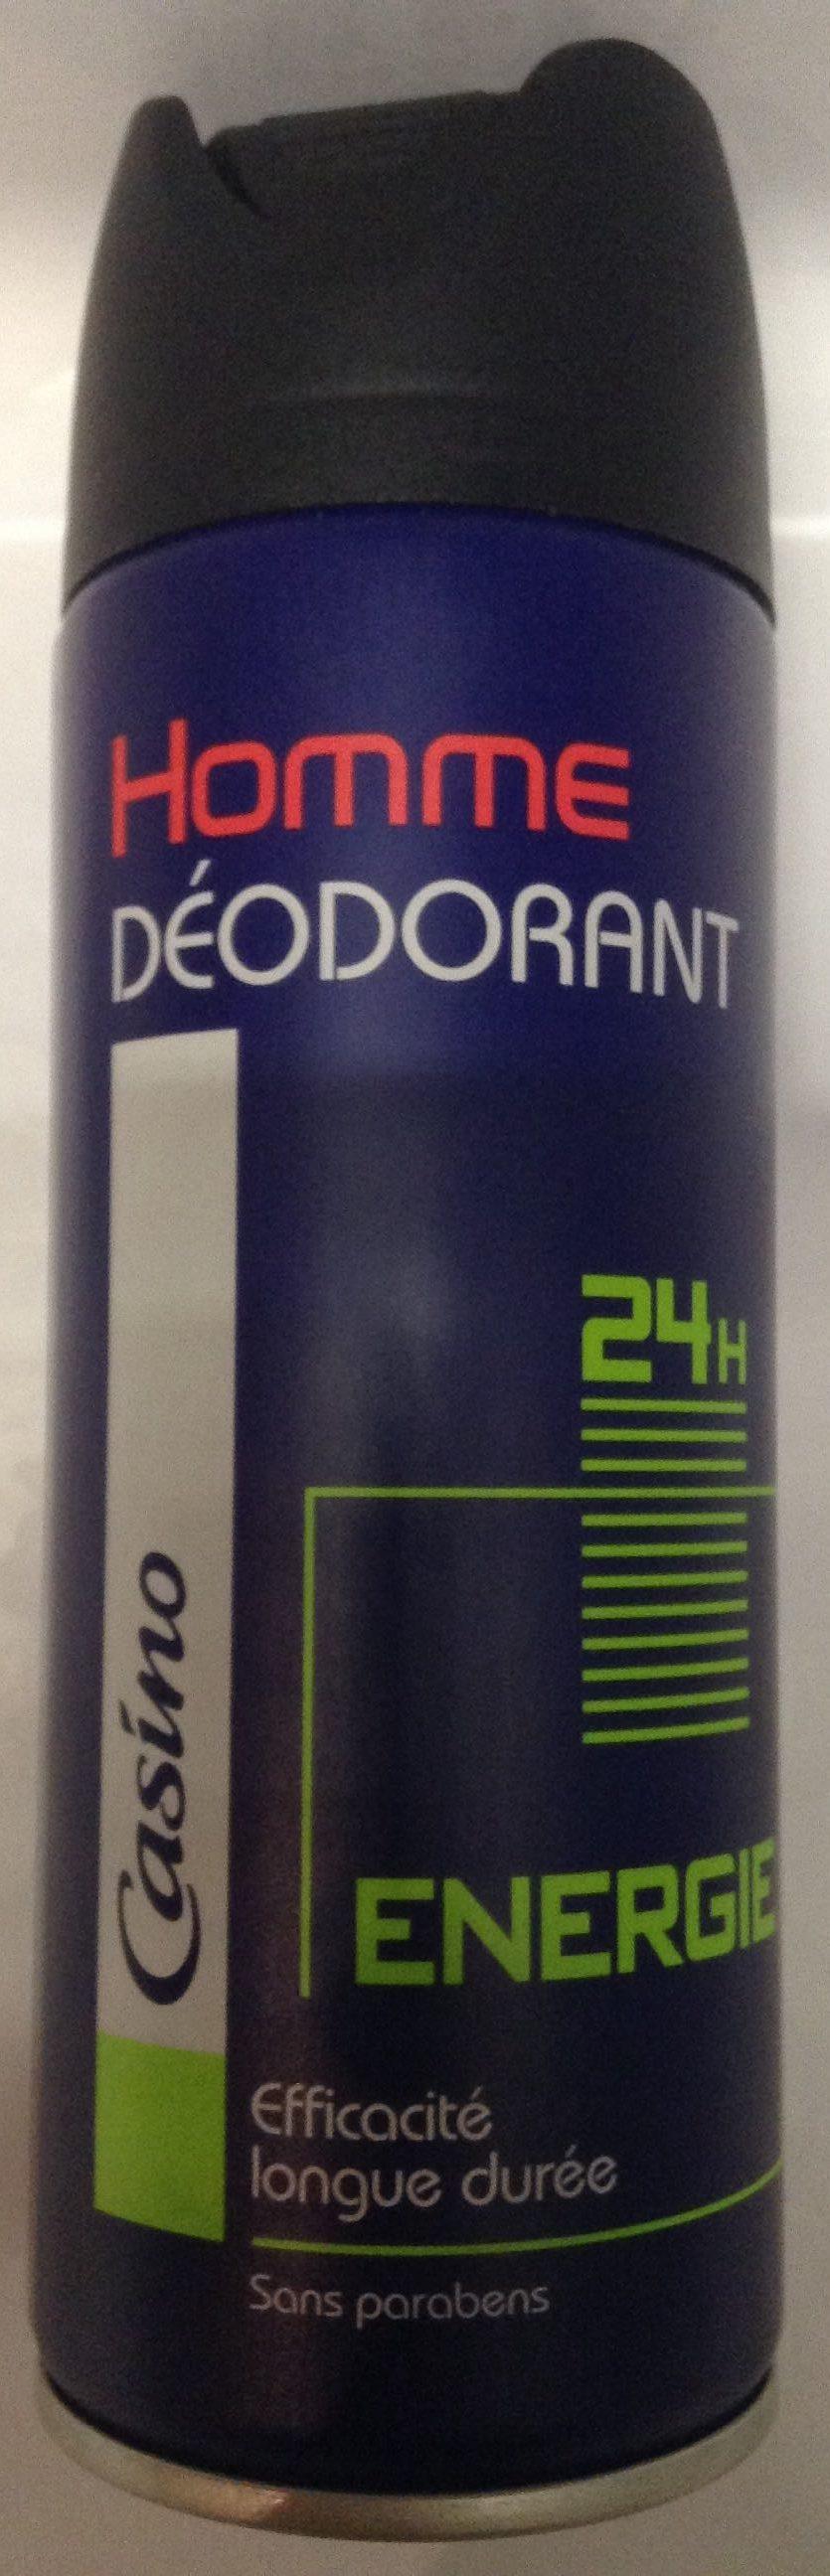 Déodorant Energie 24H - Produit